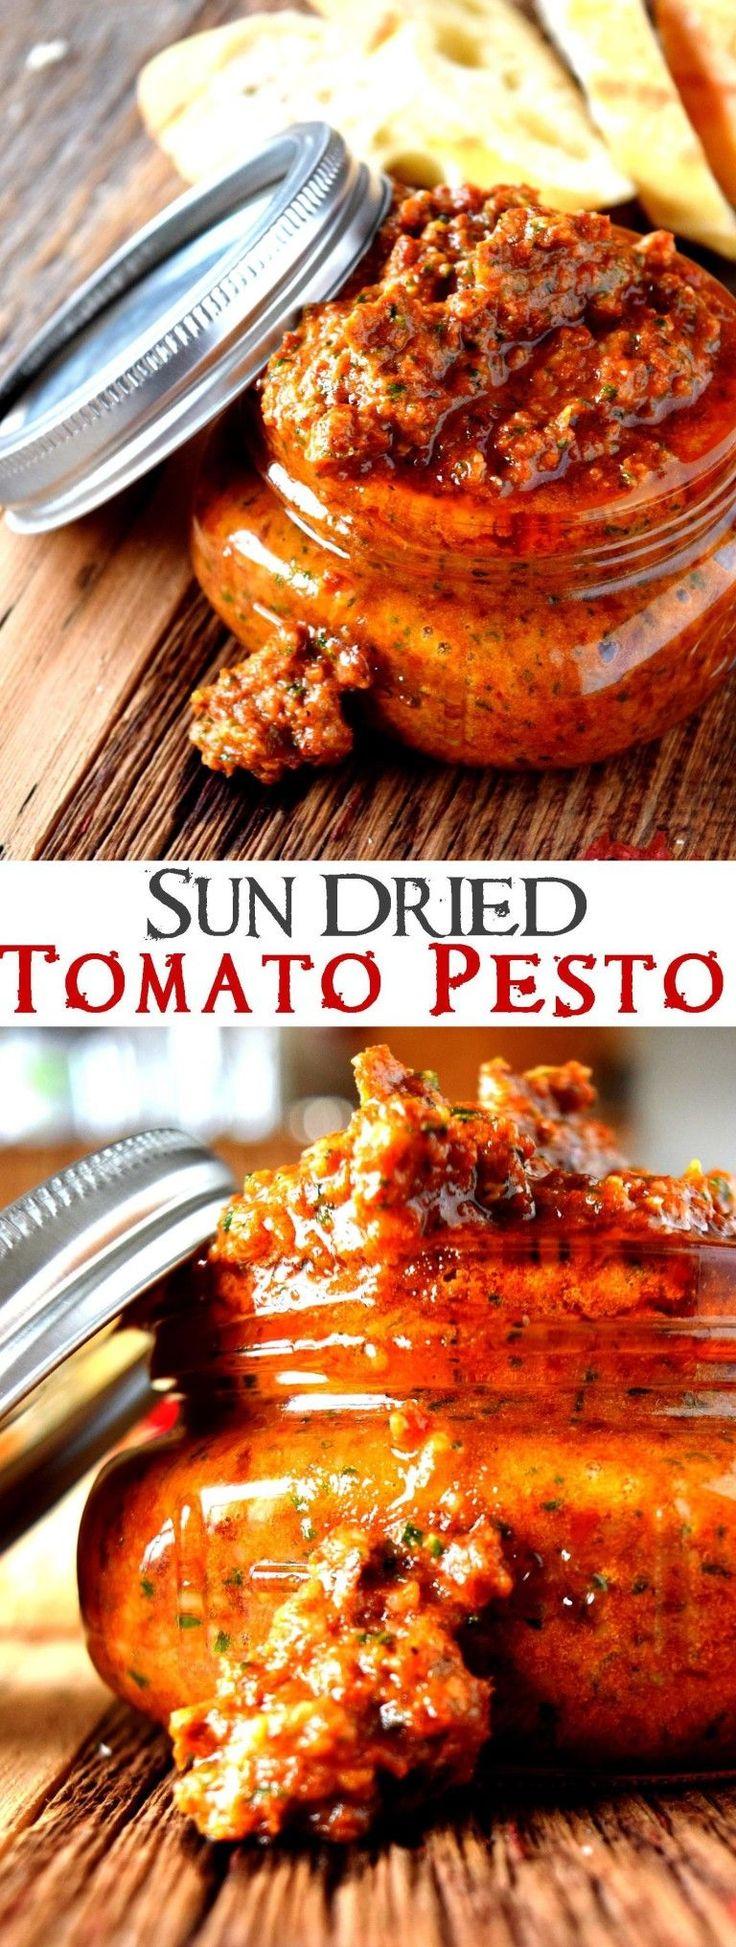 Sun Dried Tomato Pesto                                                                                                                                                                                 More